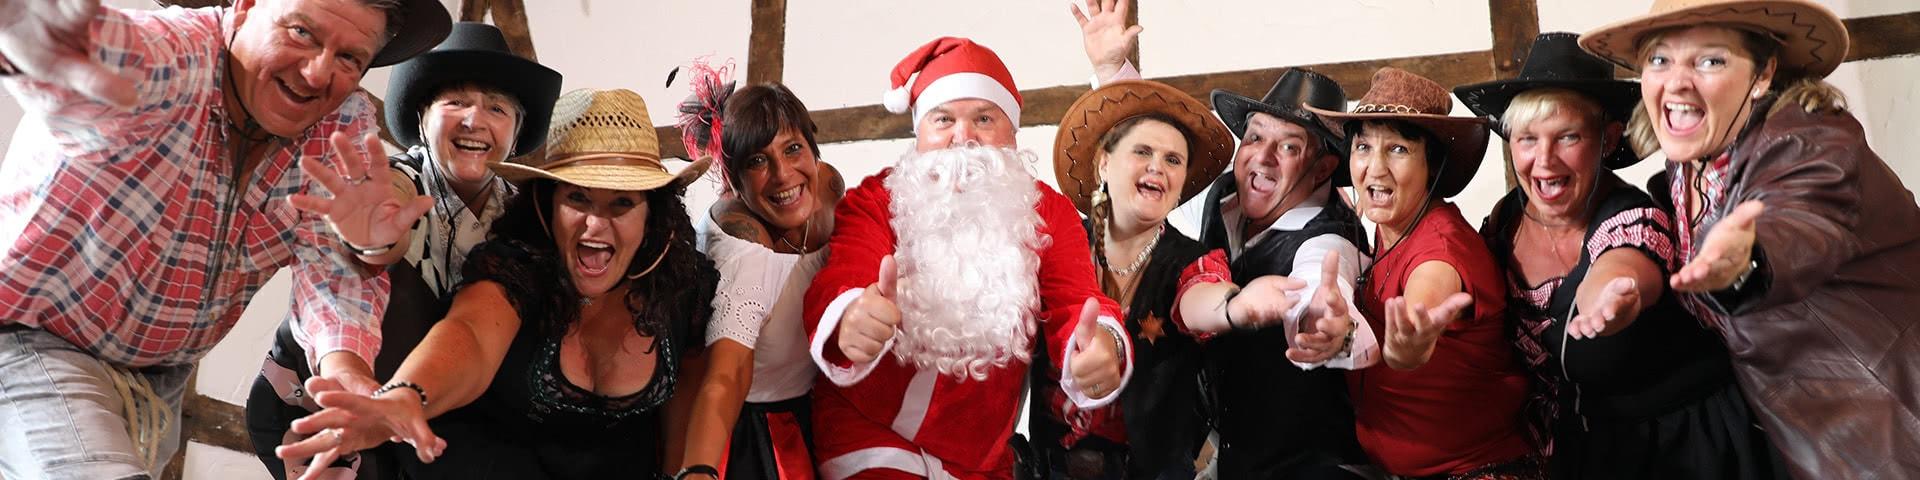 Gut gelaunte Wild-West-Gruppe mit Weihnachtsmann im Wangerland